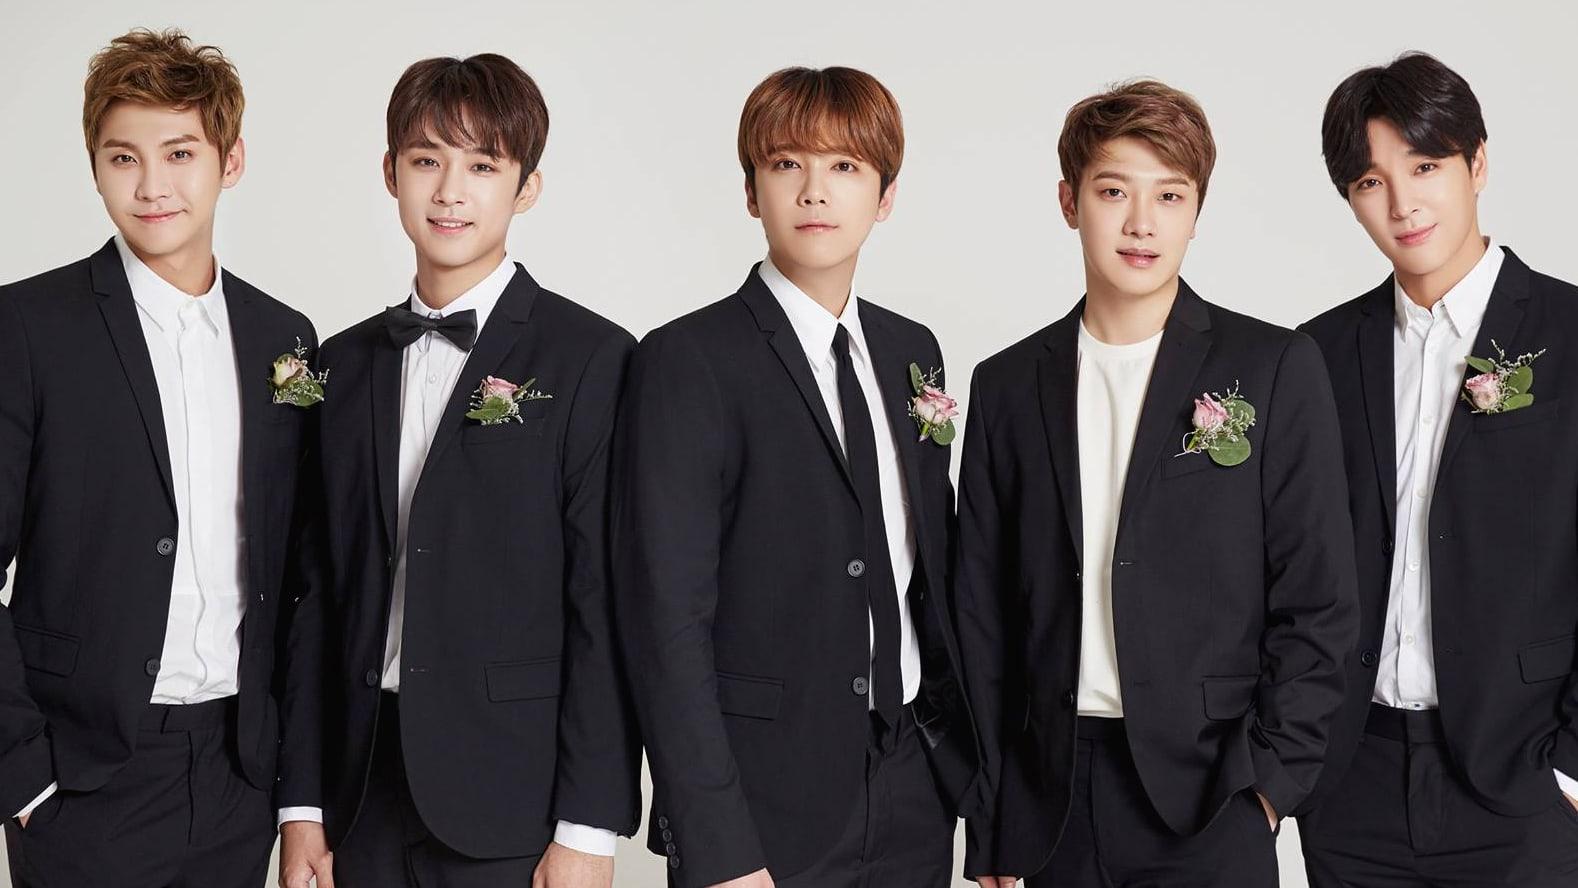 FTISLAND Members Congratulate Minhwan On Engagement